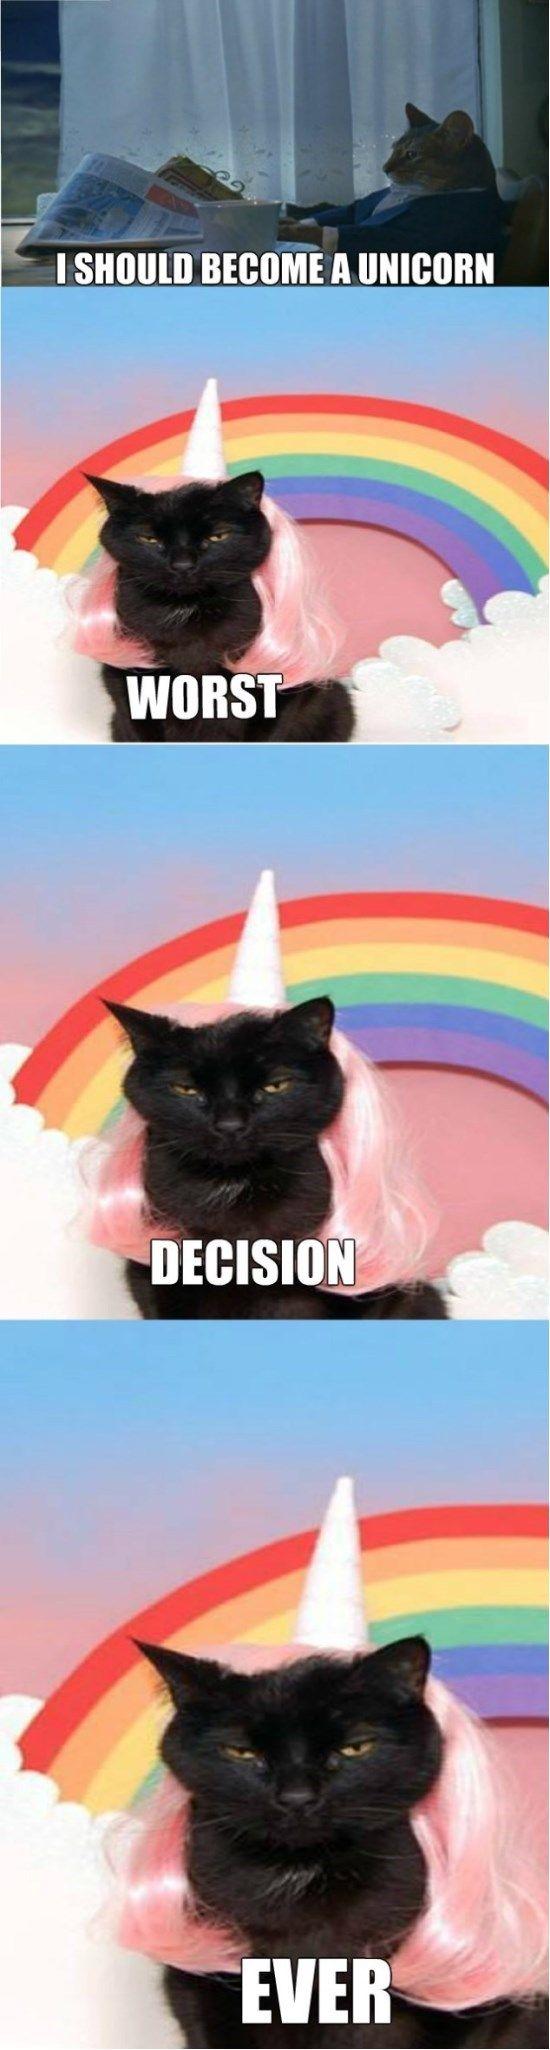 Unicorns - www.meme-lol.com